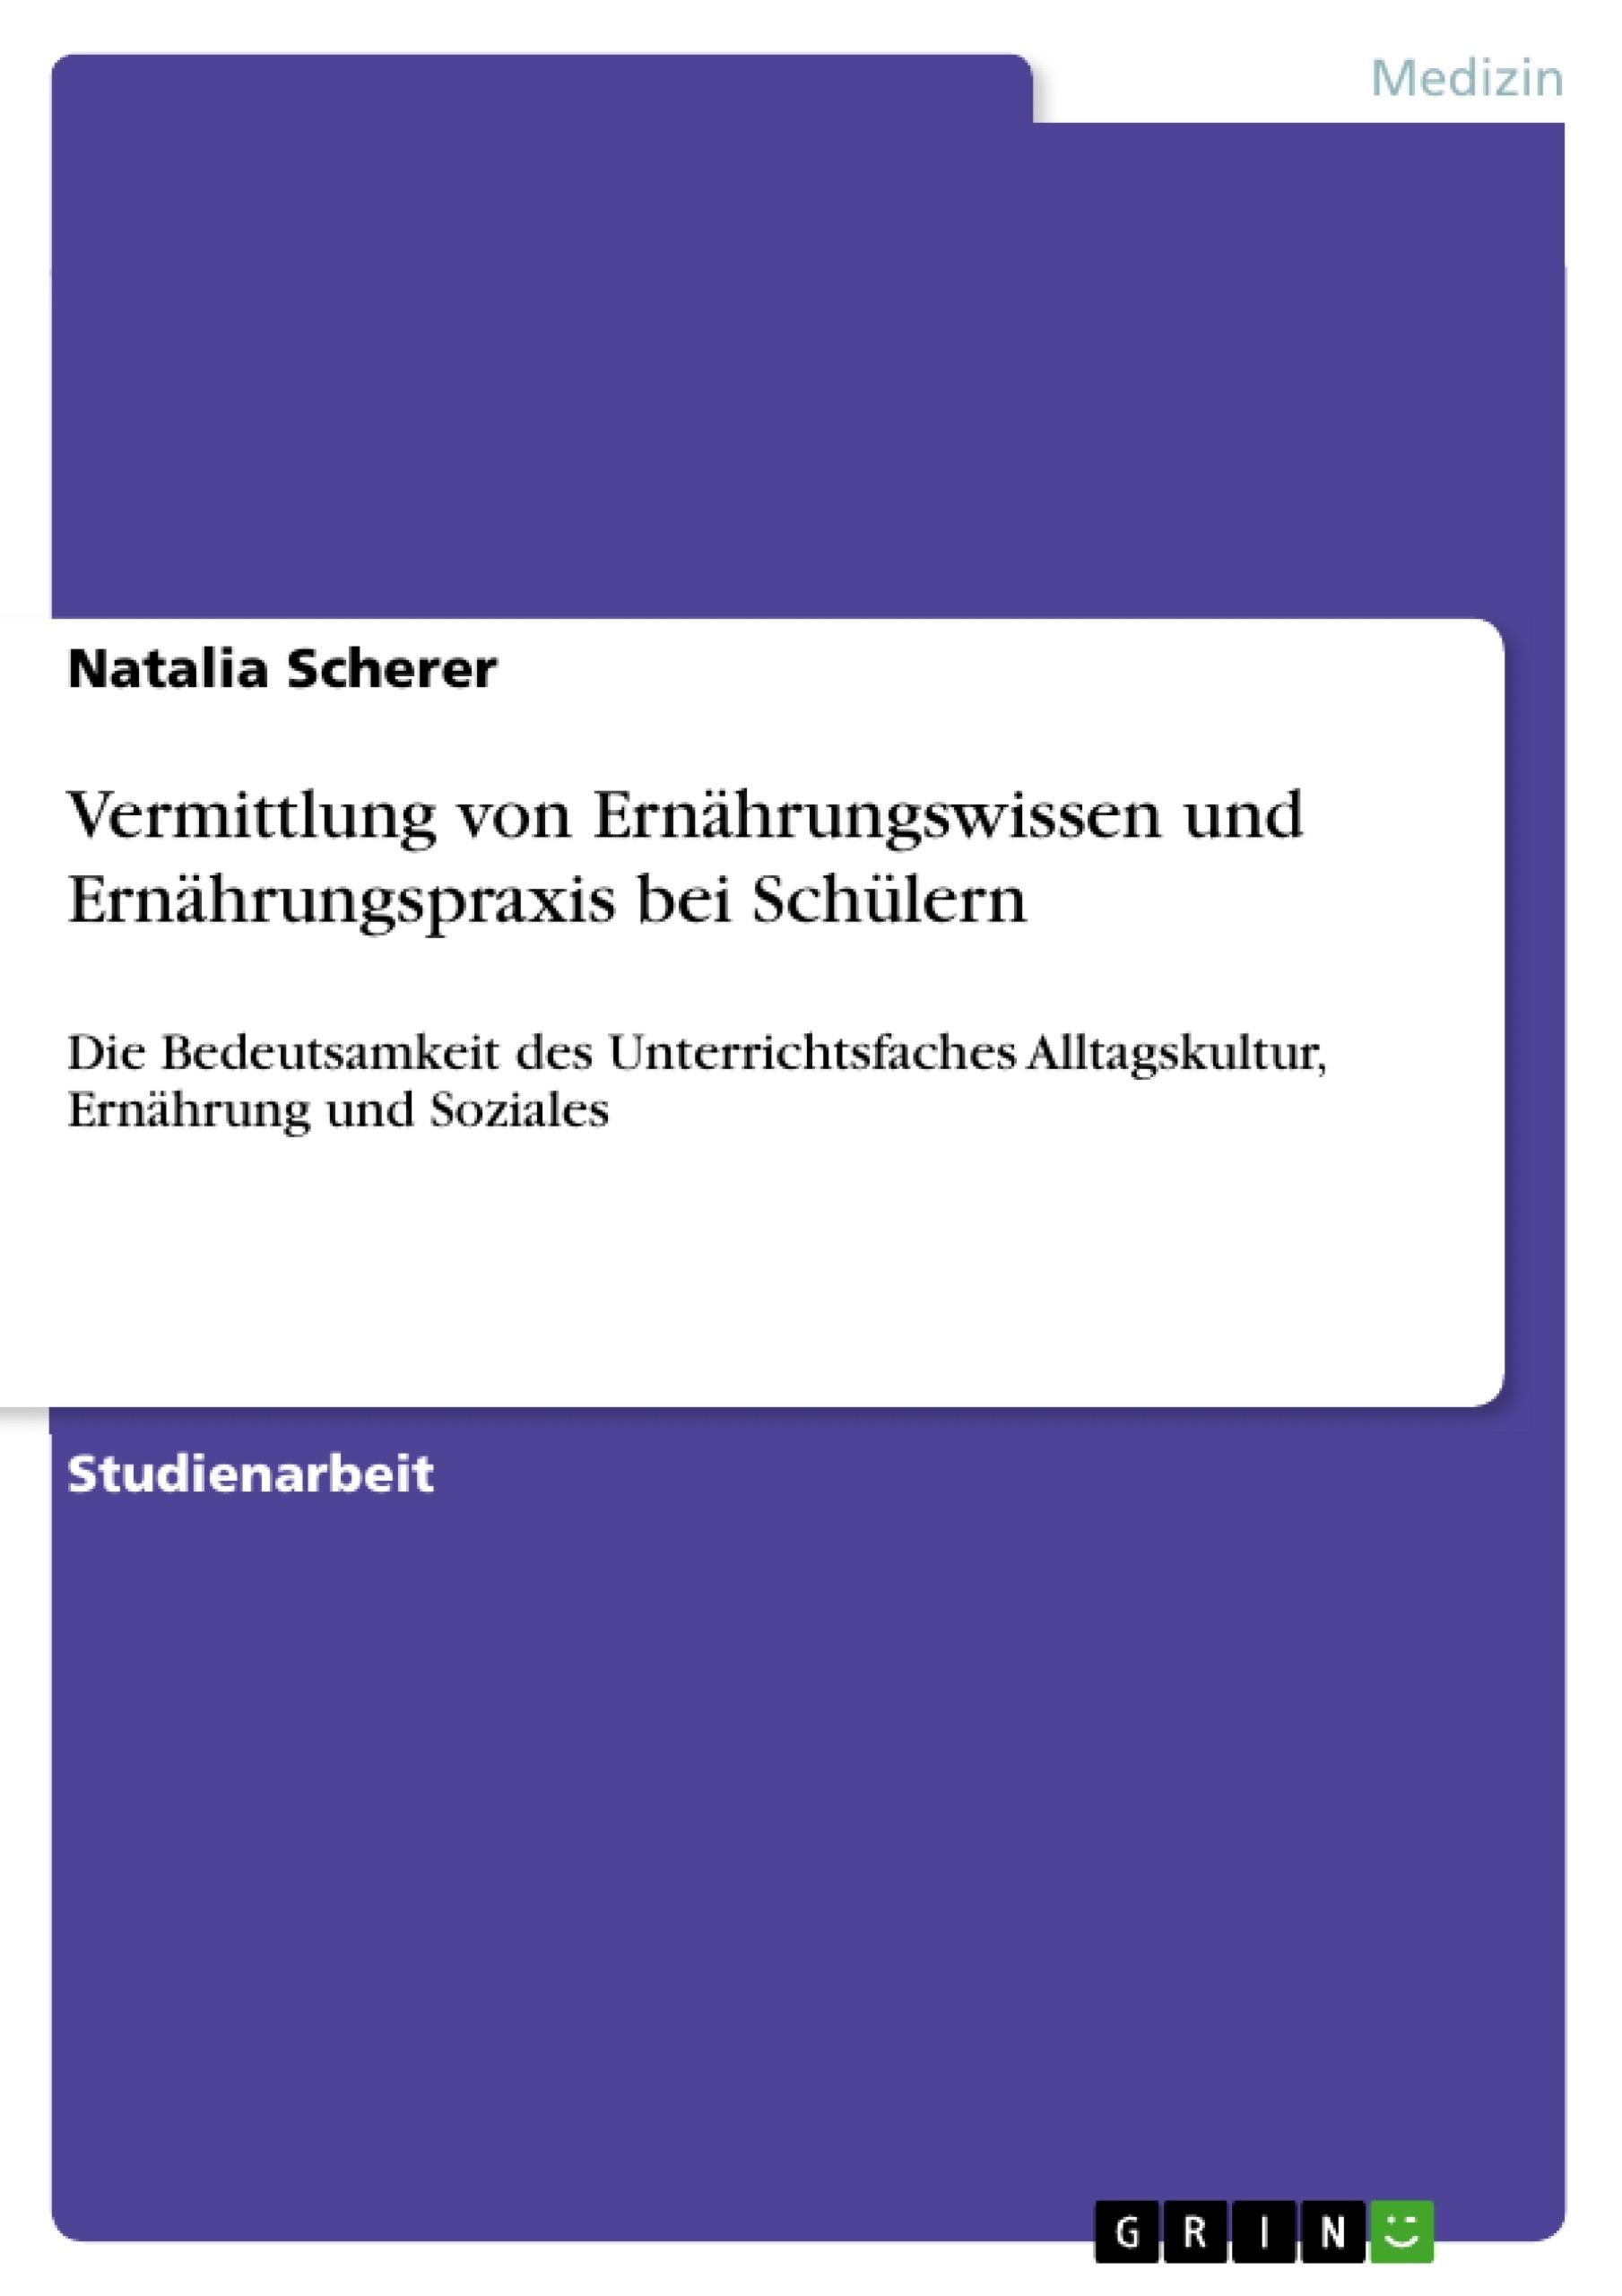 Titel: Vermittlung von Ernährungswissen und Ernährungspraxis bei Schülern